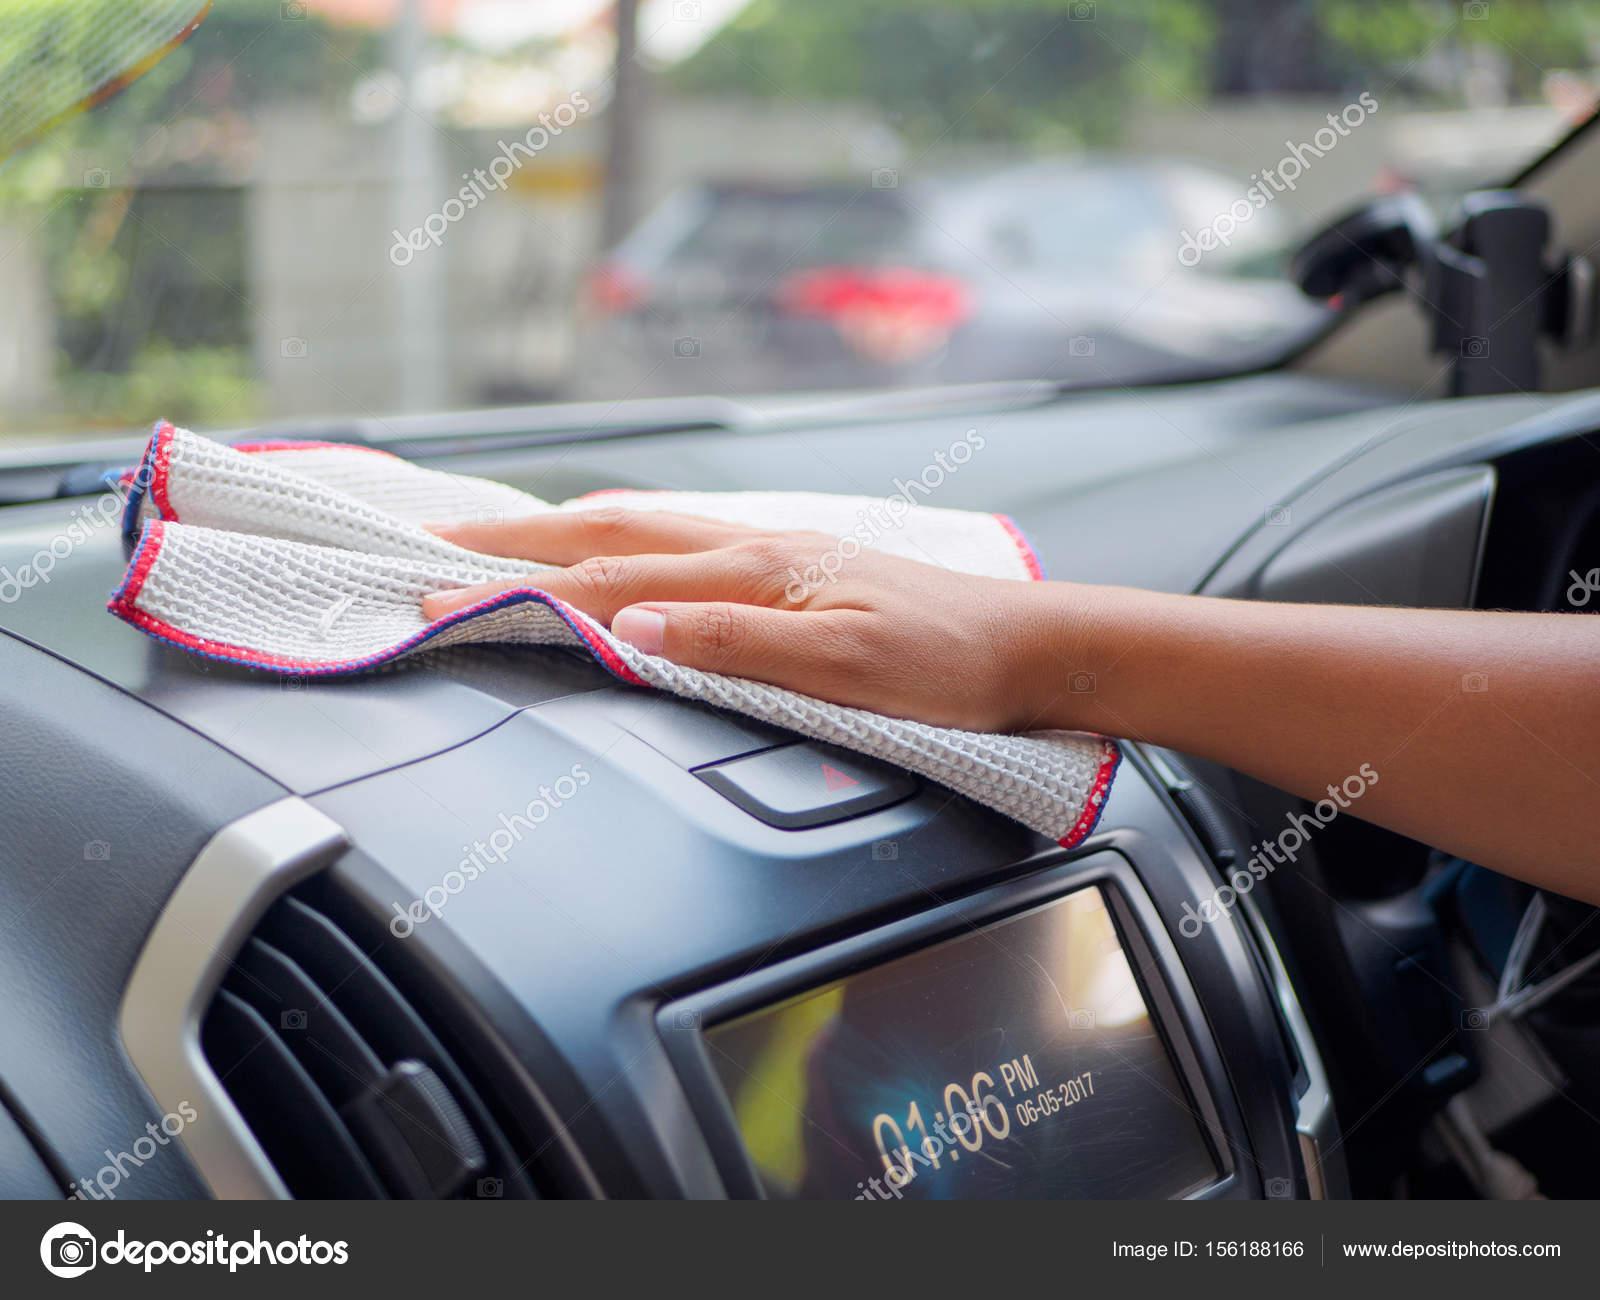 care india delhi car interior ncr exterior cleaning auto forum ghaziabad unique